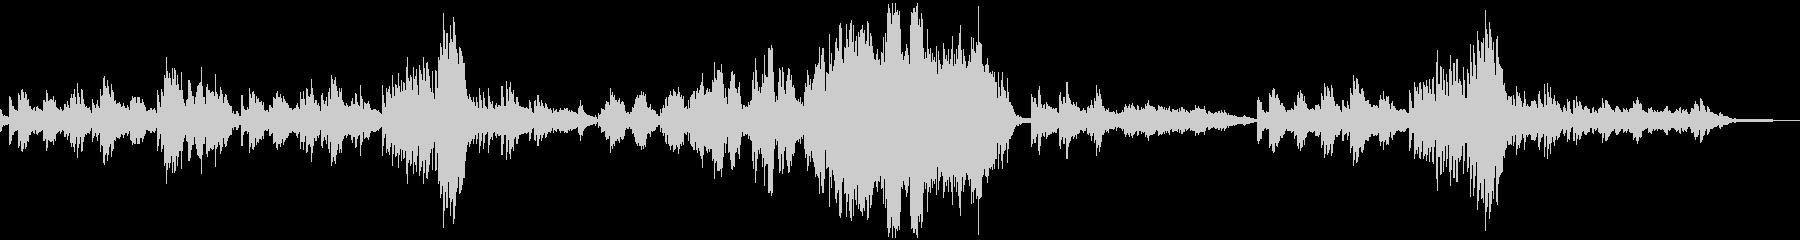 ショパンの練習曲作品10-3 別れの曲の未再生の波形